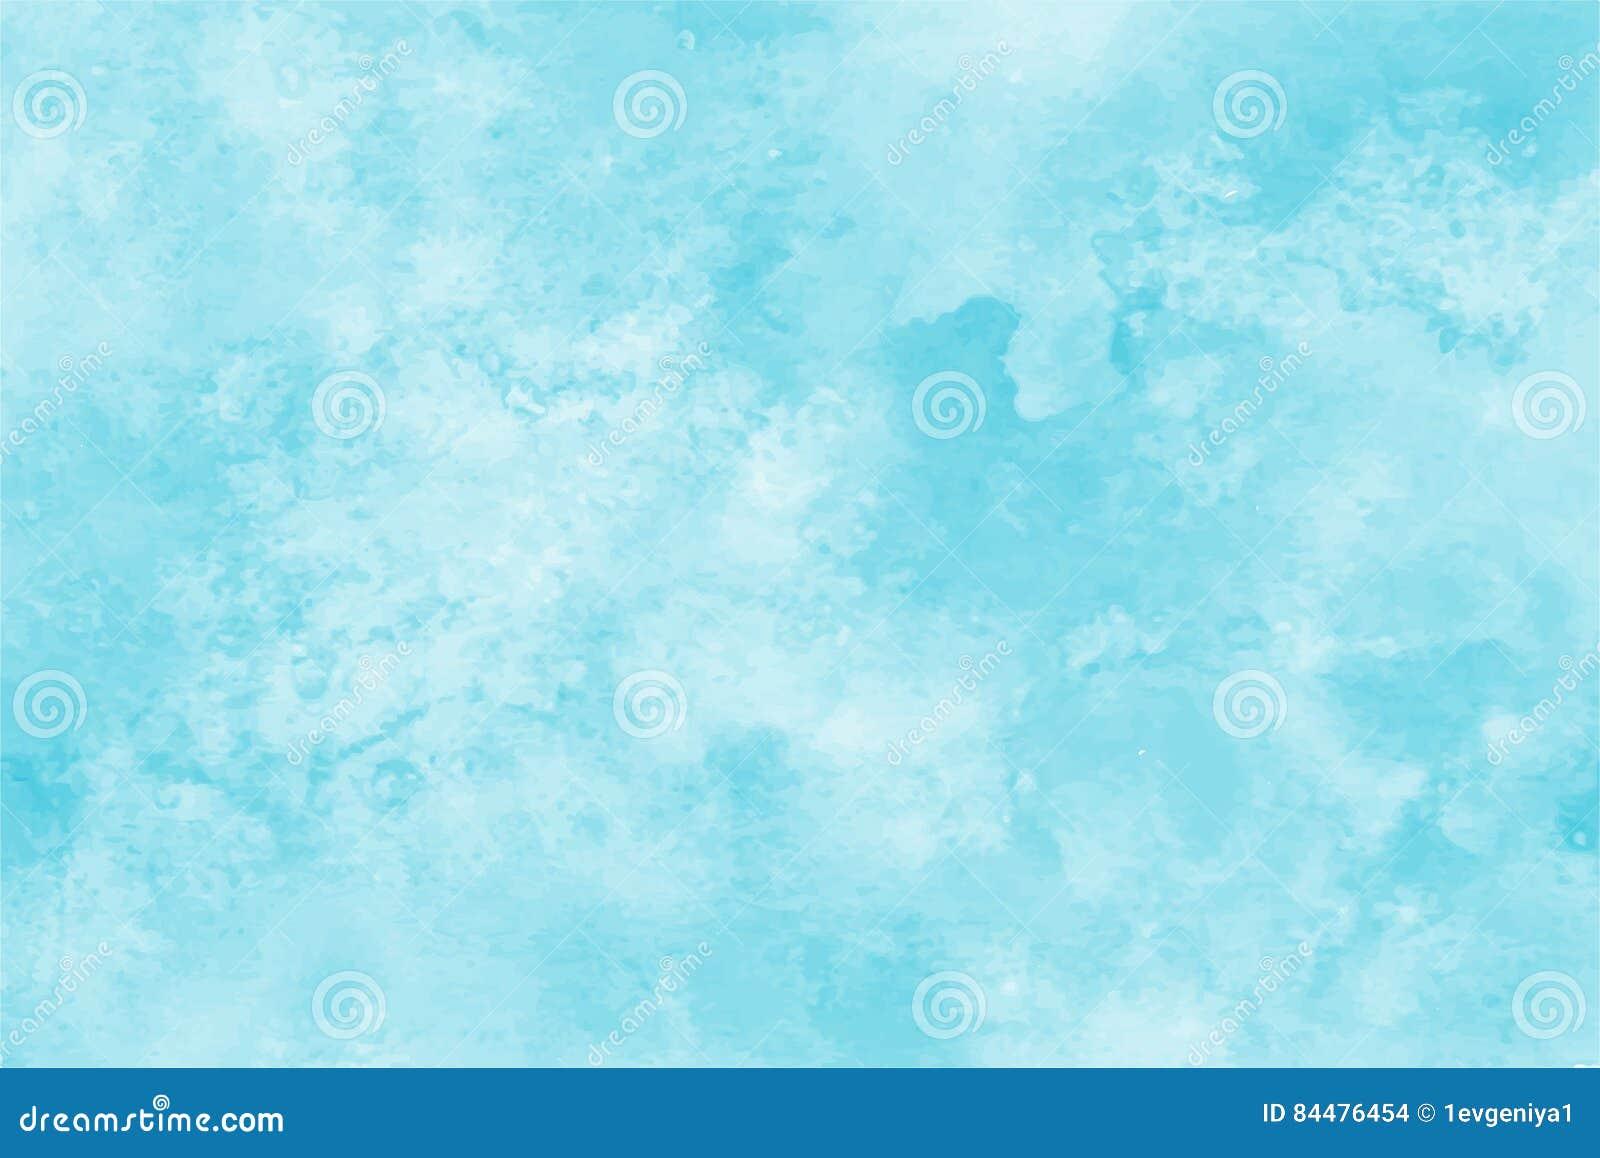 Blauer Aquarellhintergrund Abstrakter Handfarbenquadrat-Fleckhintergrund